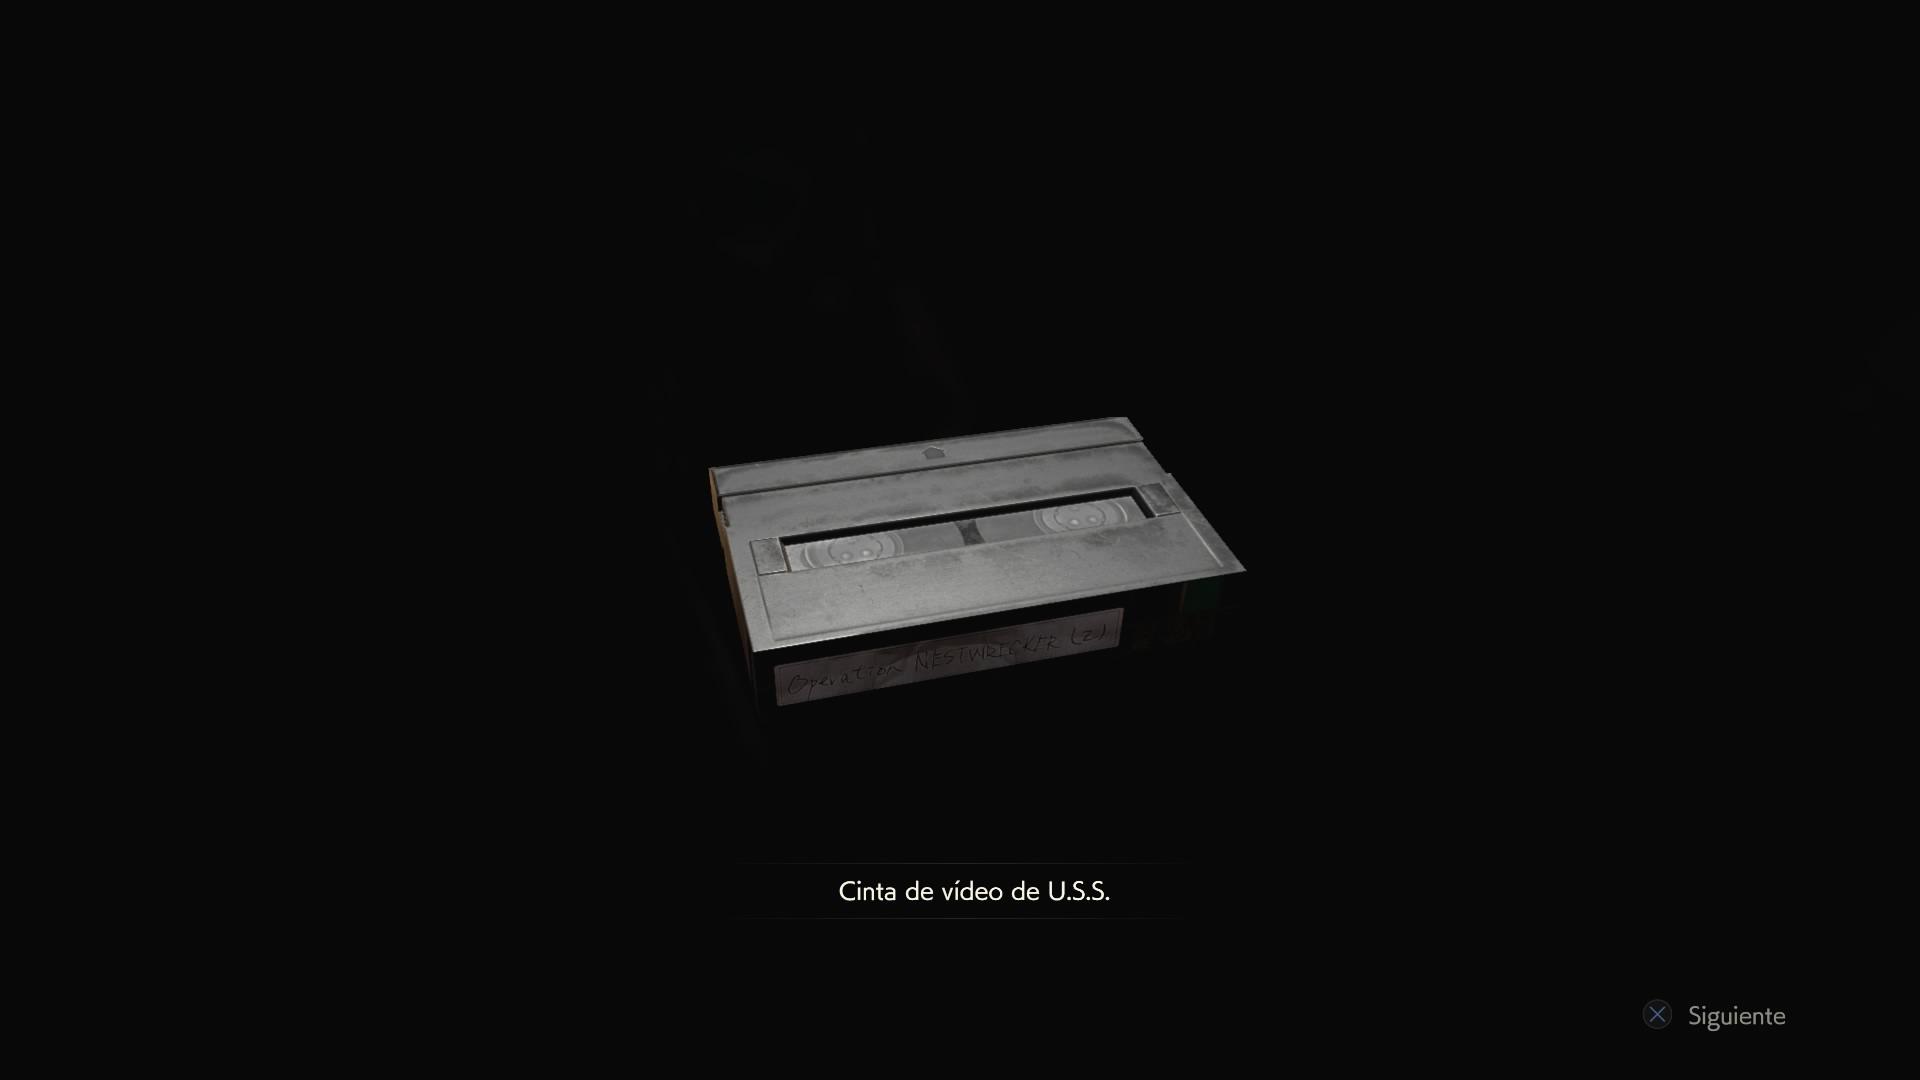 Cinta de vídeo de U.S.S.